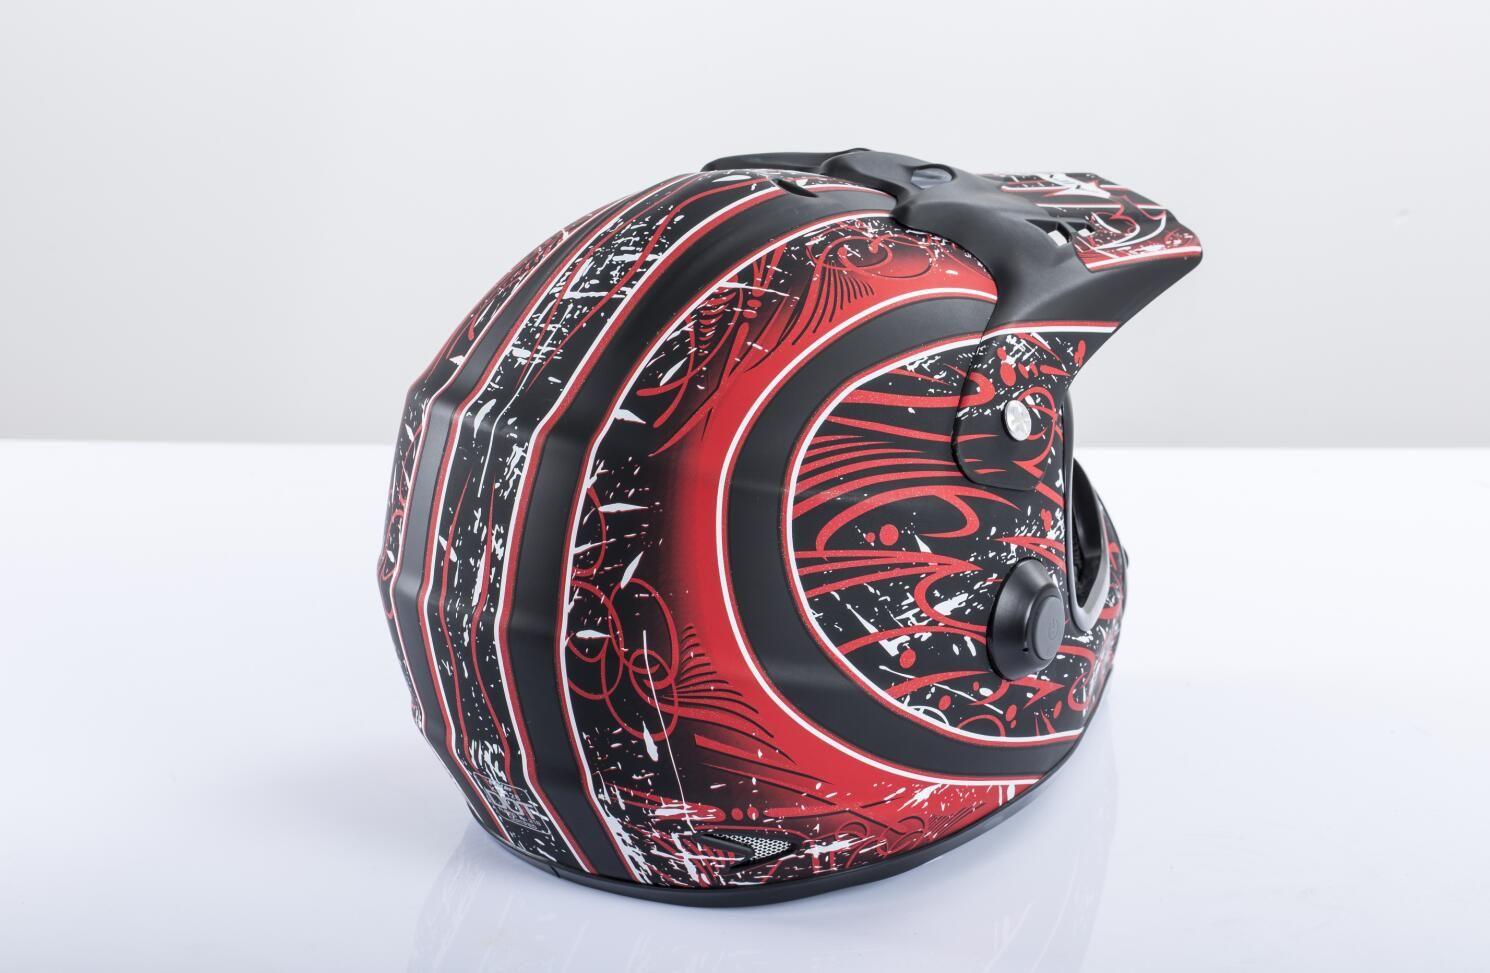 2019 的 Airwheel Red smart helmet, built-in Bluetooth